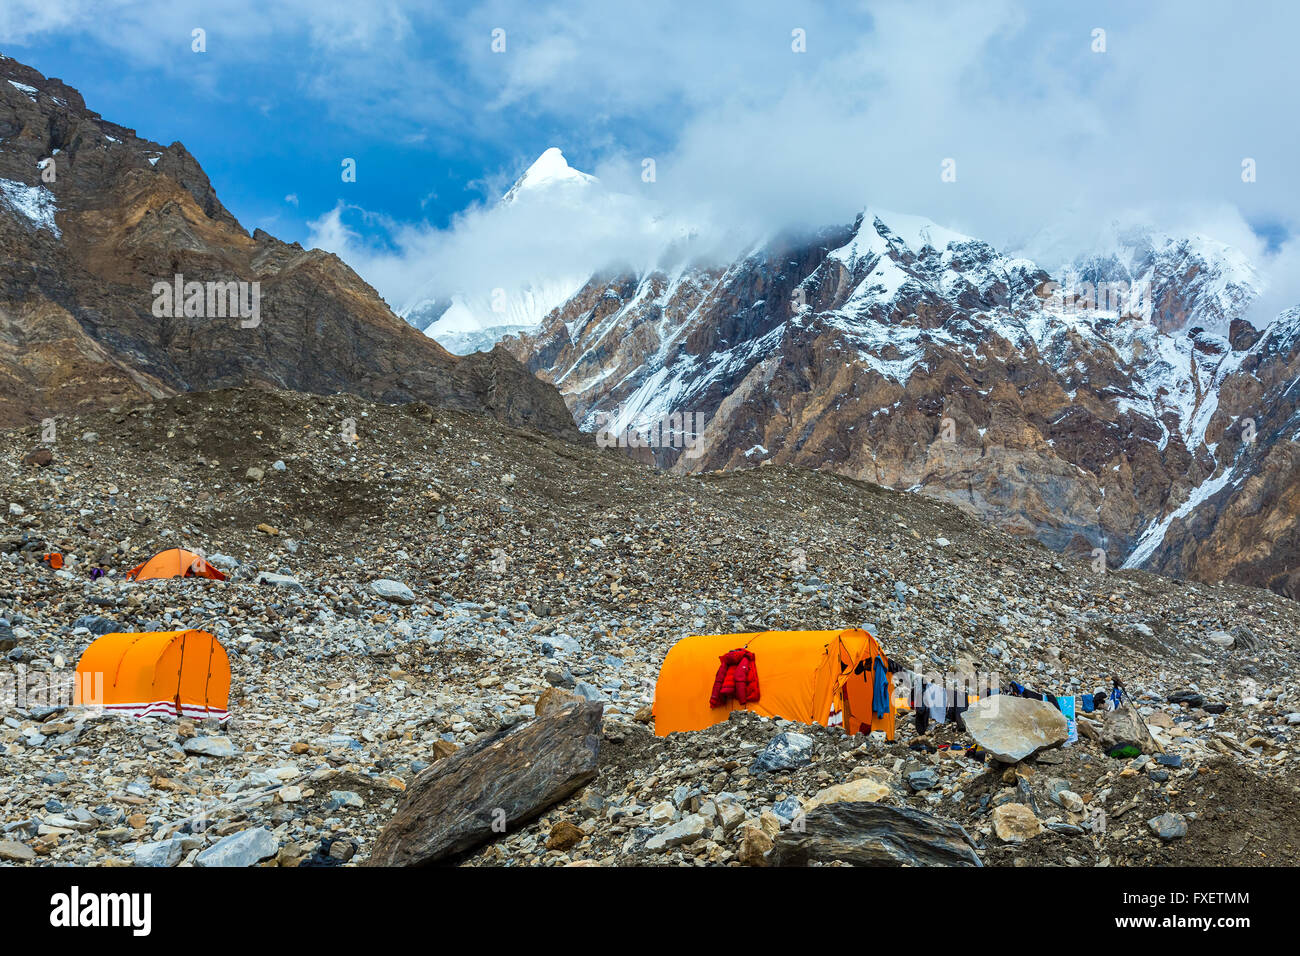 Orange Mountain Tents on Giant Glacier Moraine & Orange Mountain Tents on Giant Glacier Moraine Stock Photo ...